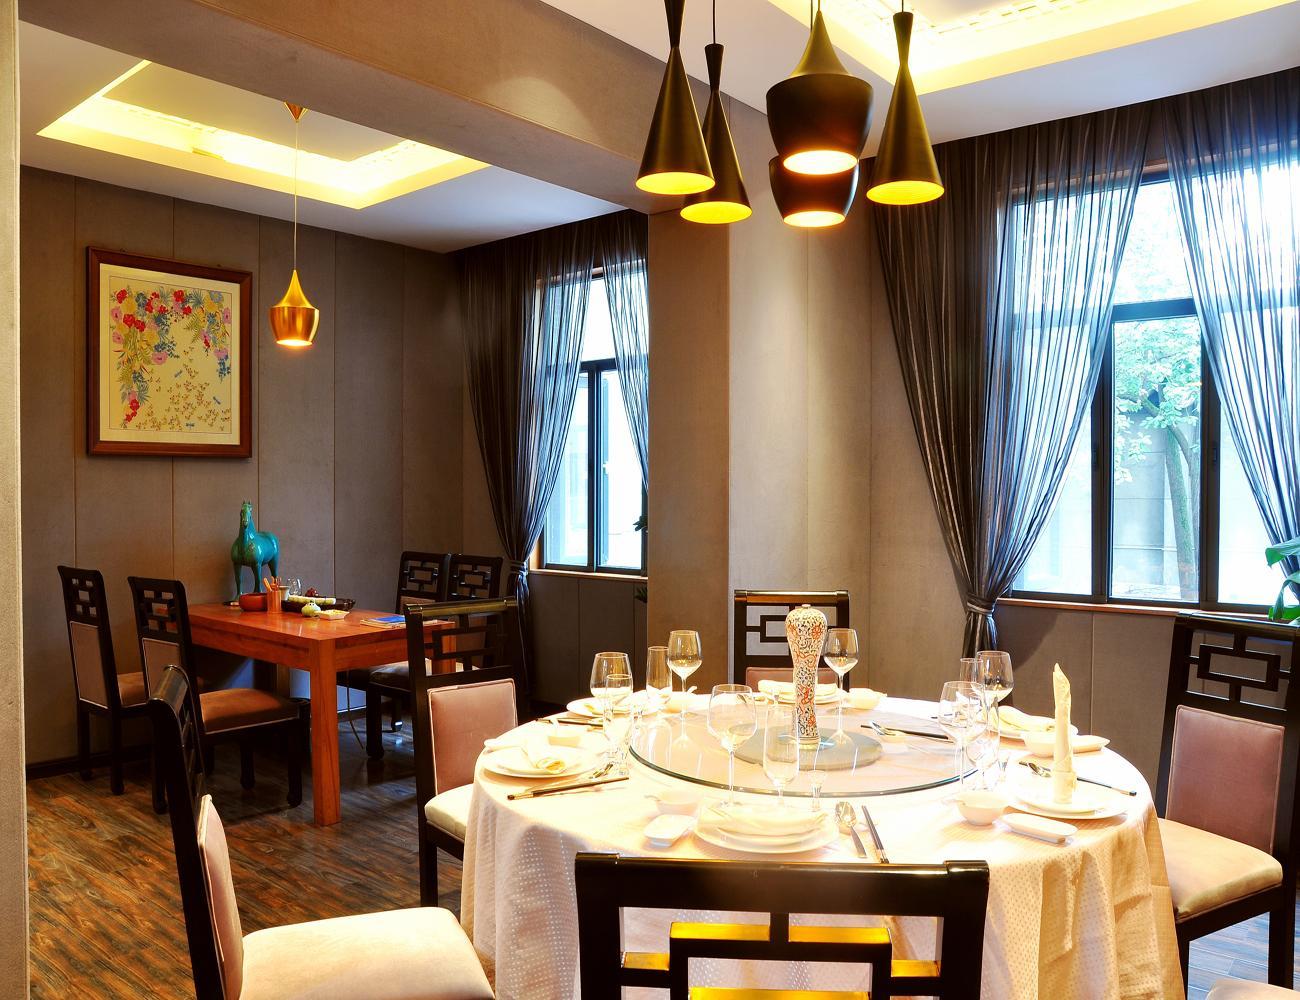 中式饭店怎么装修?中式饭店装修注意事项